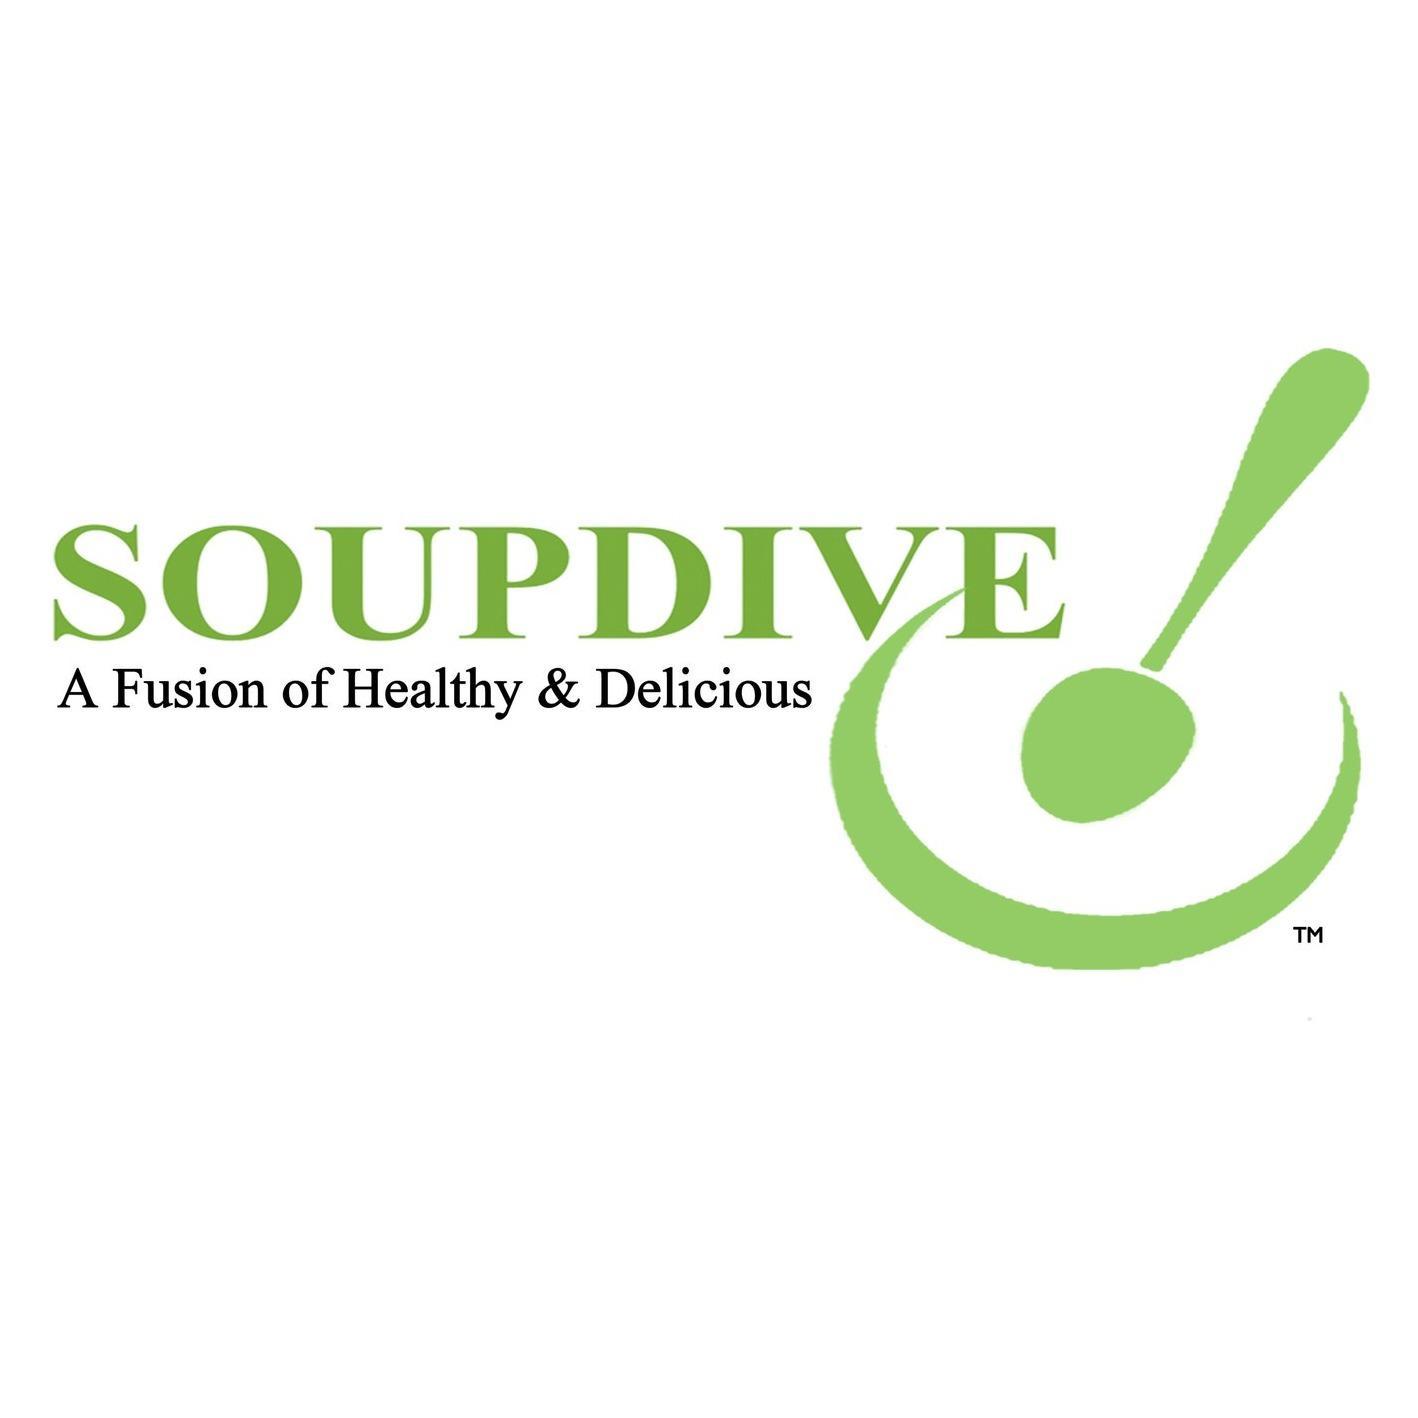 SoupDive